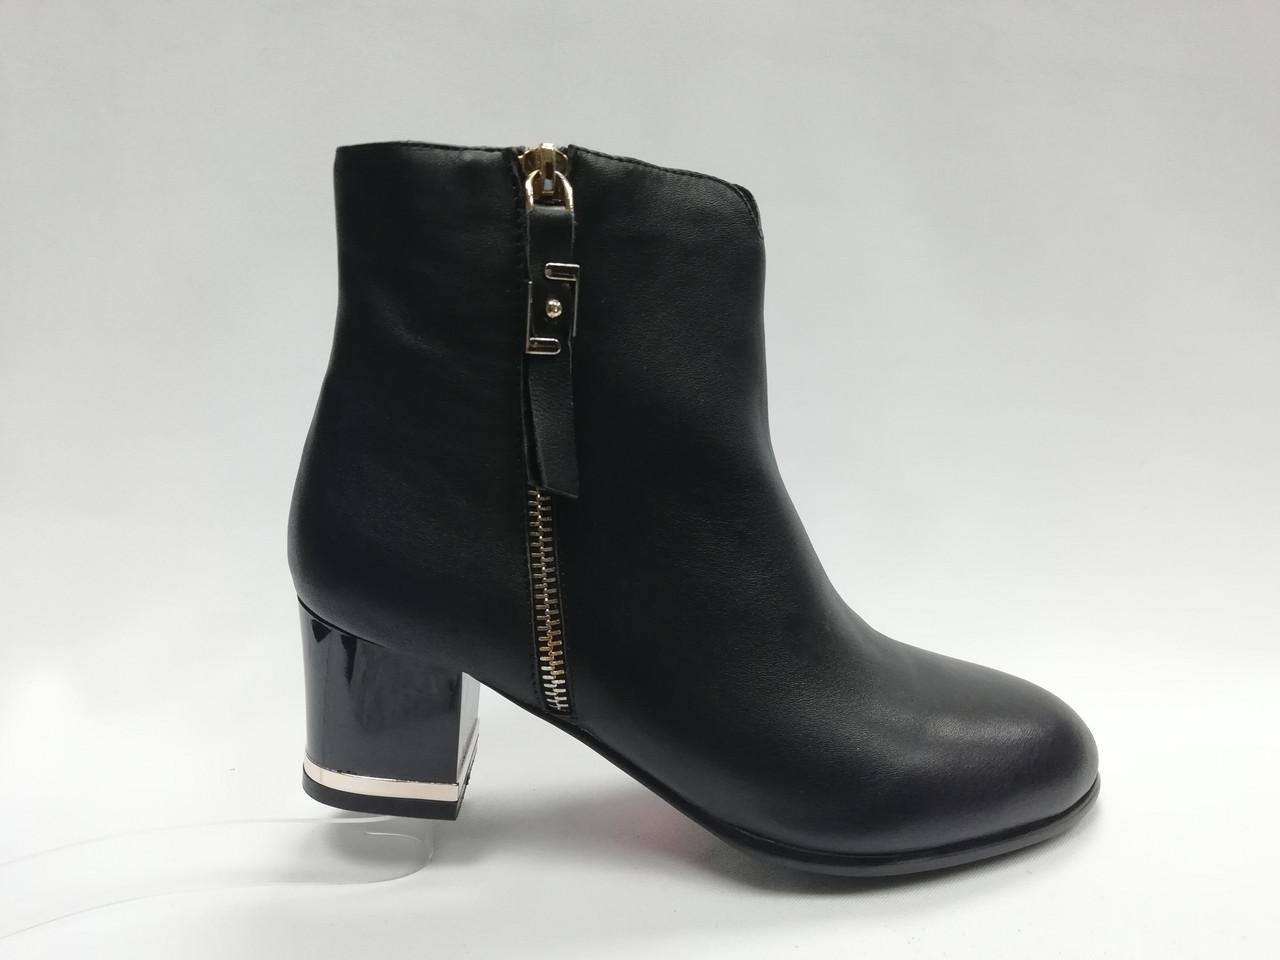 Черные кожаные  ботинки MALROSTTI  с металлической вставкой на каблуке